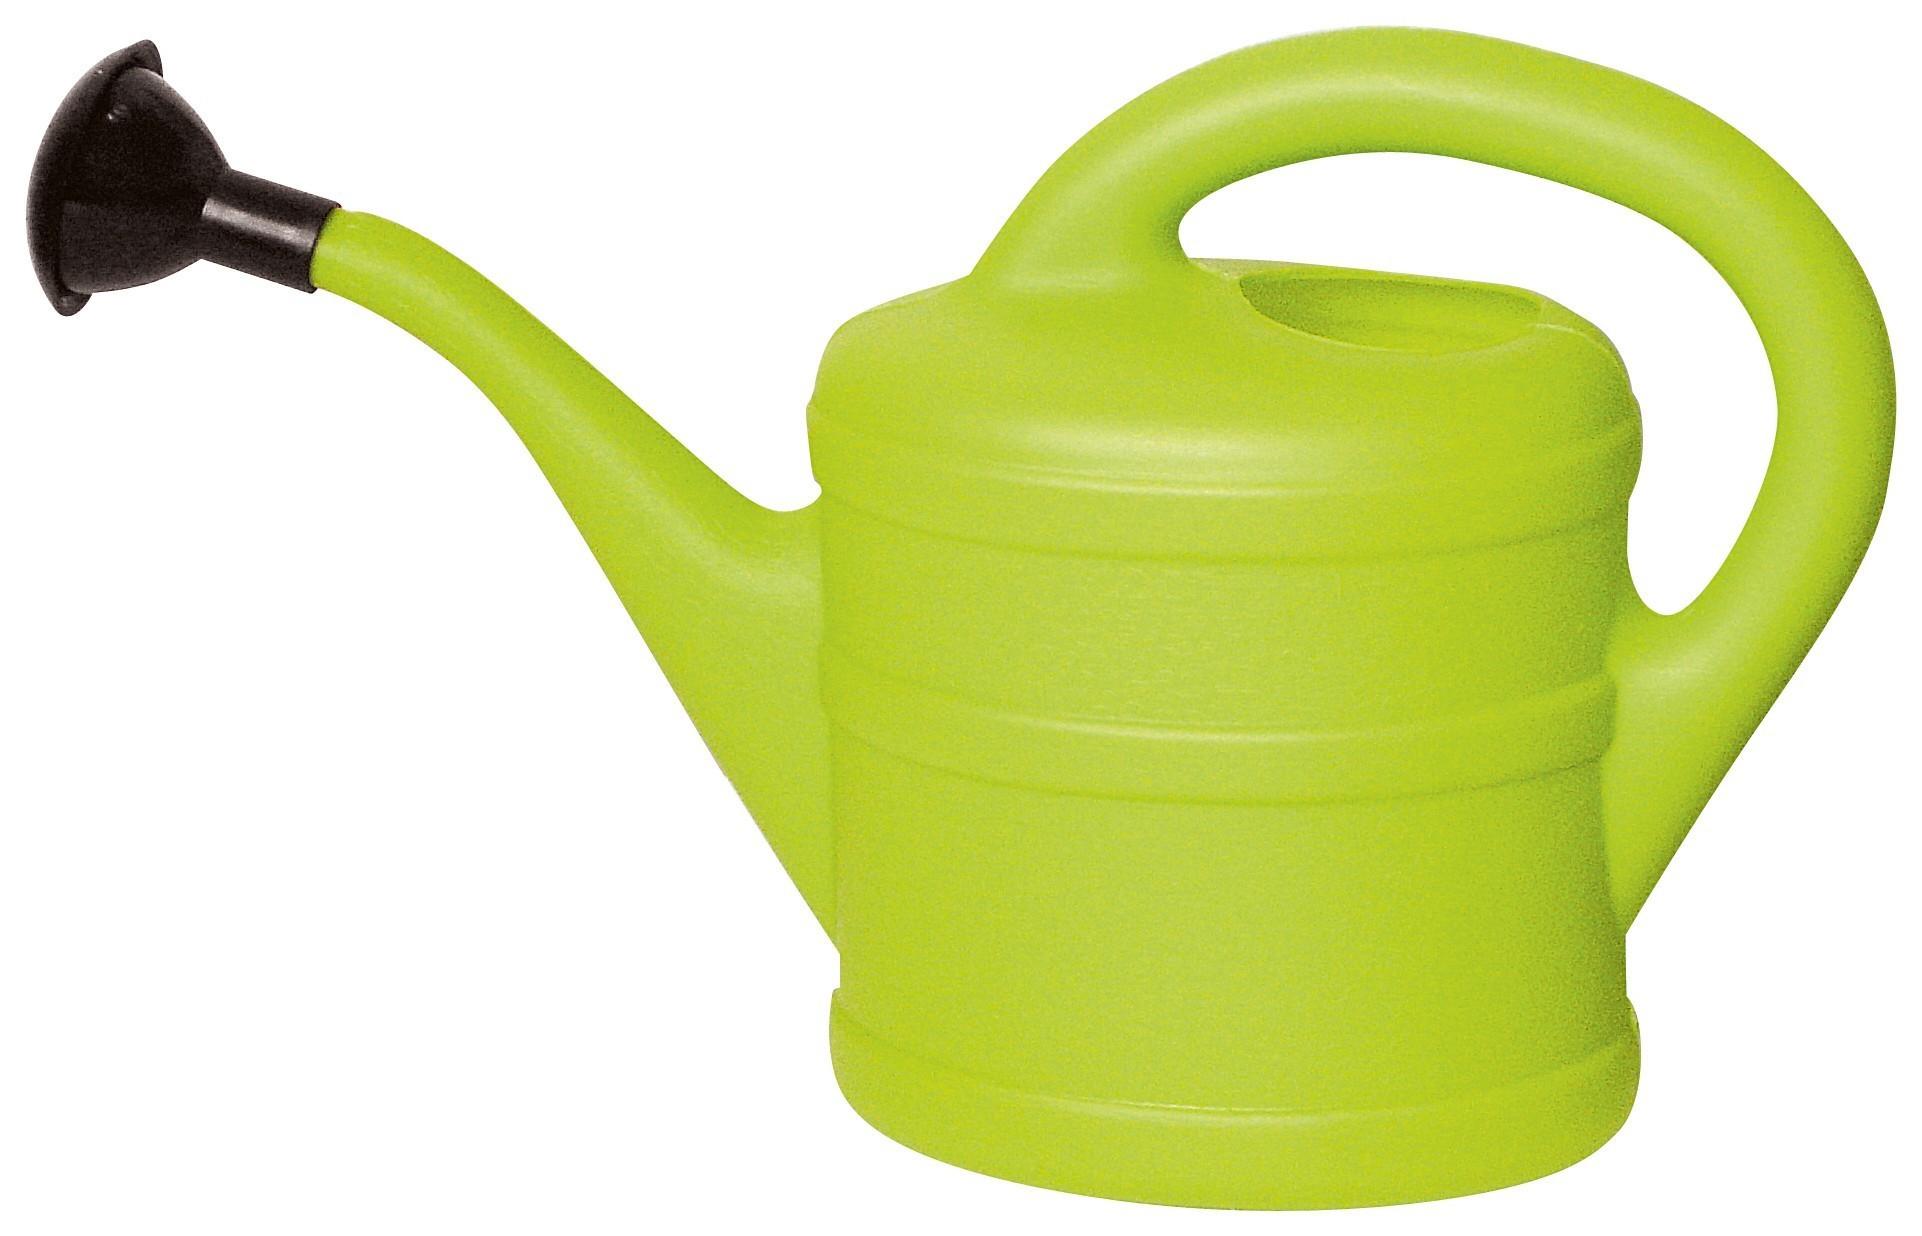 Gießkanne / Blumengießkanne 2 Liter mintgrün Bild 1